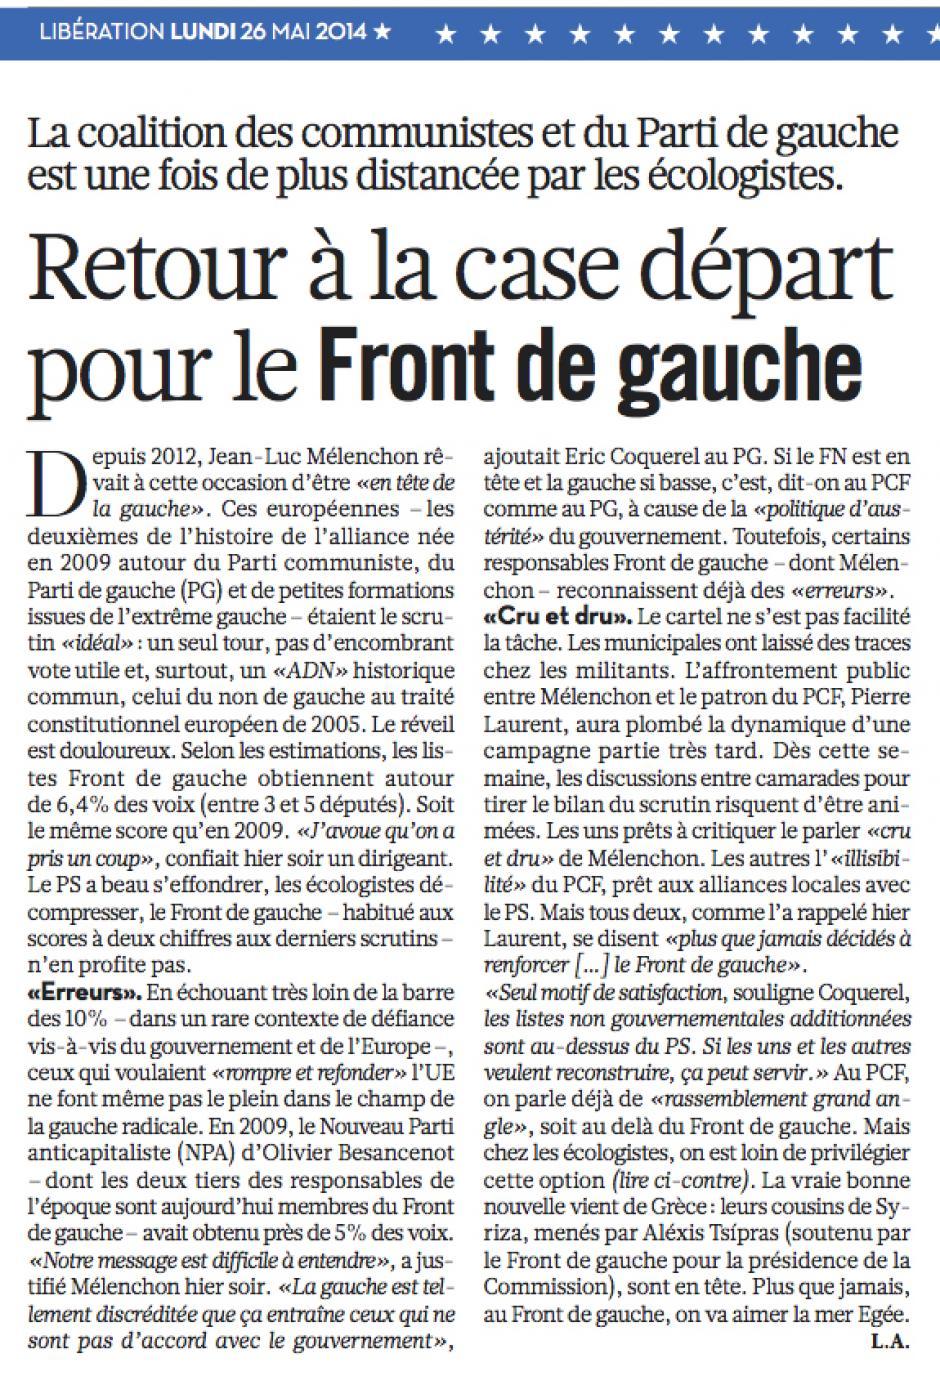 20140526-Libé-France-E2014-Retour à la case départ pour le Front de gauche